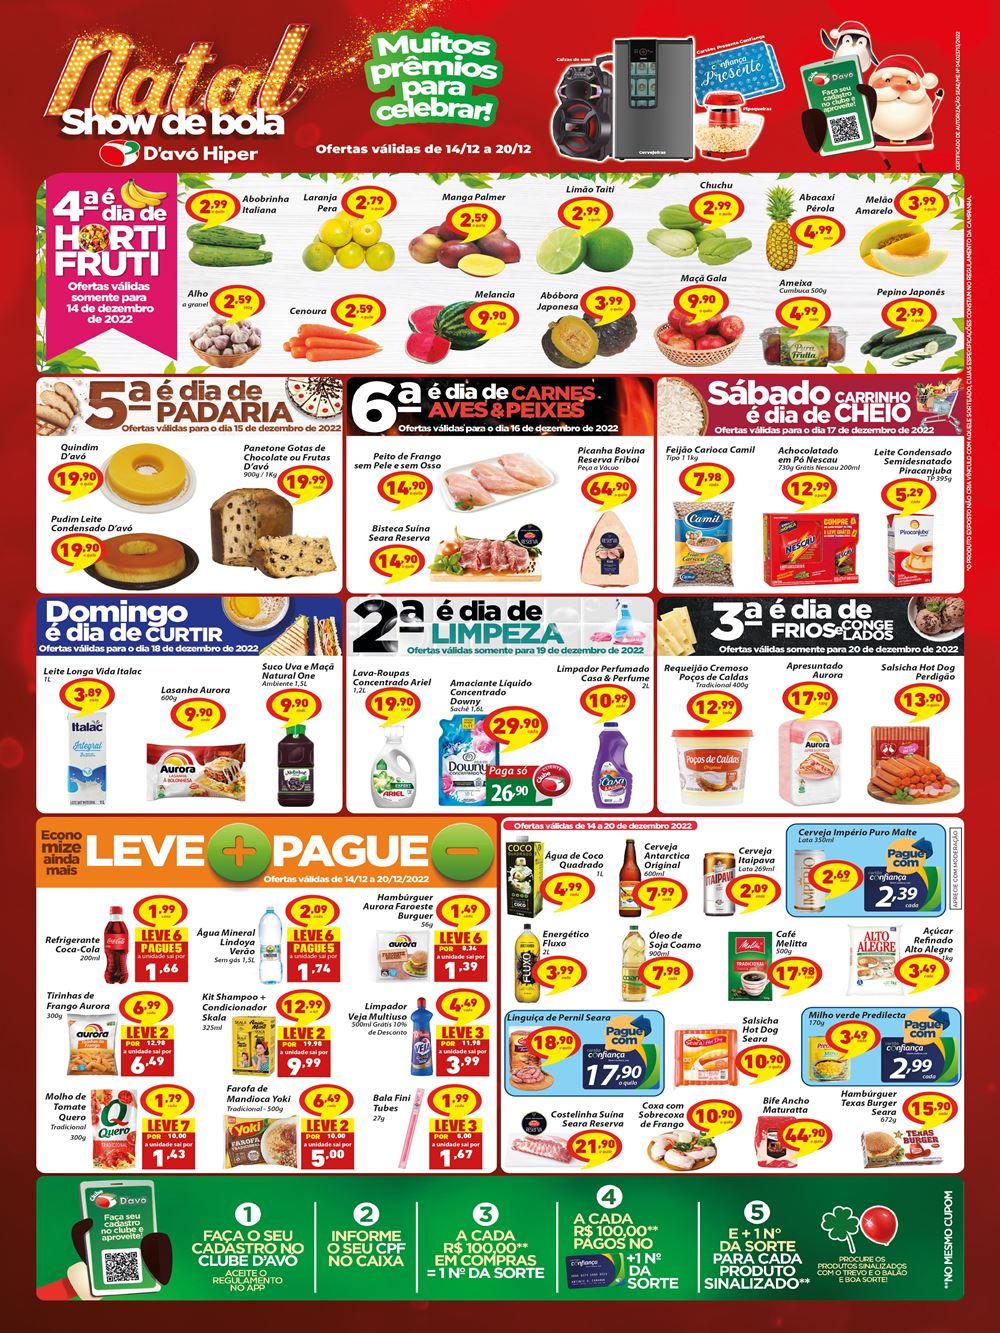 davo-ofertas-descontos-hoje1-7 Ofertas de supermercados